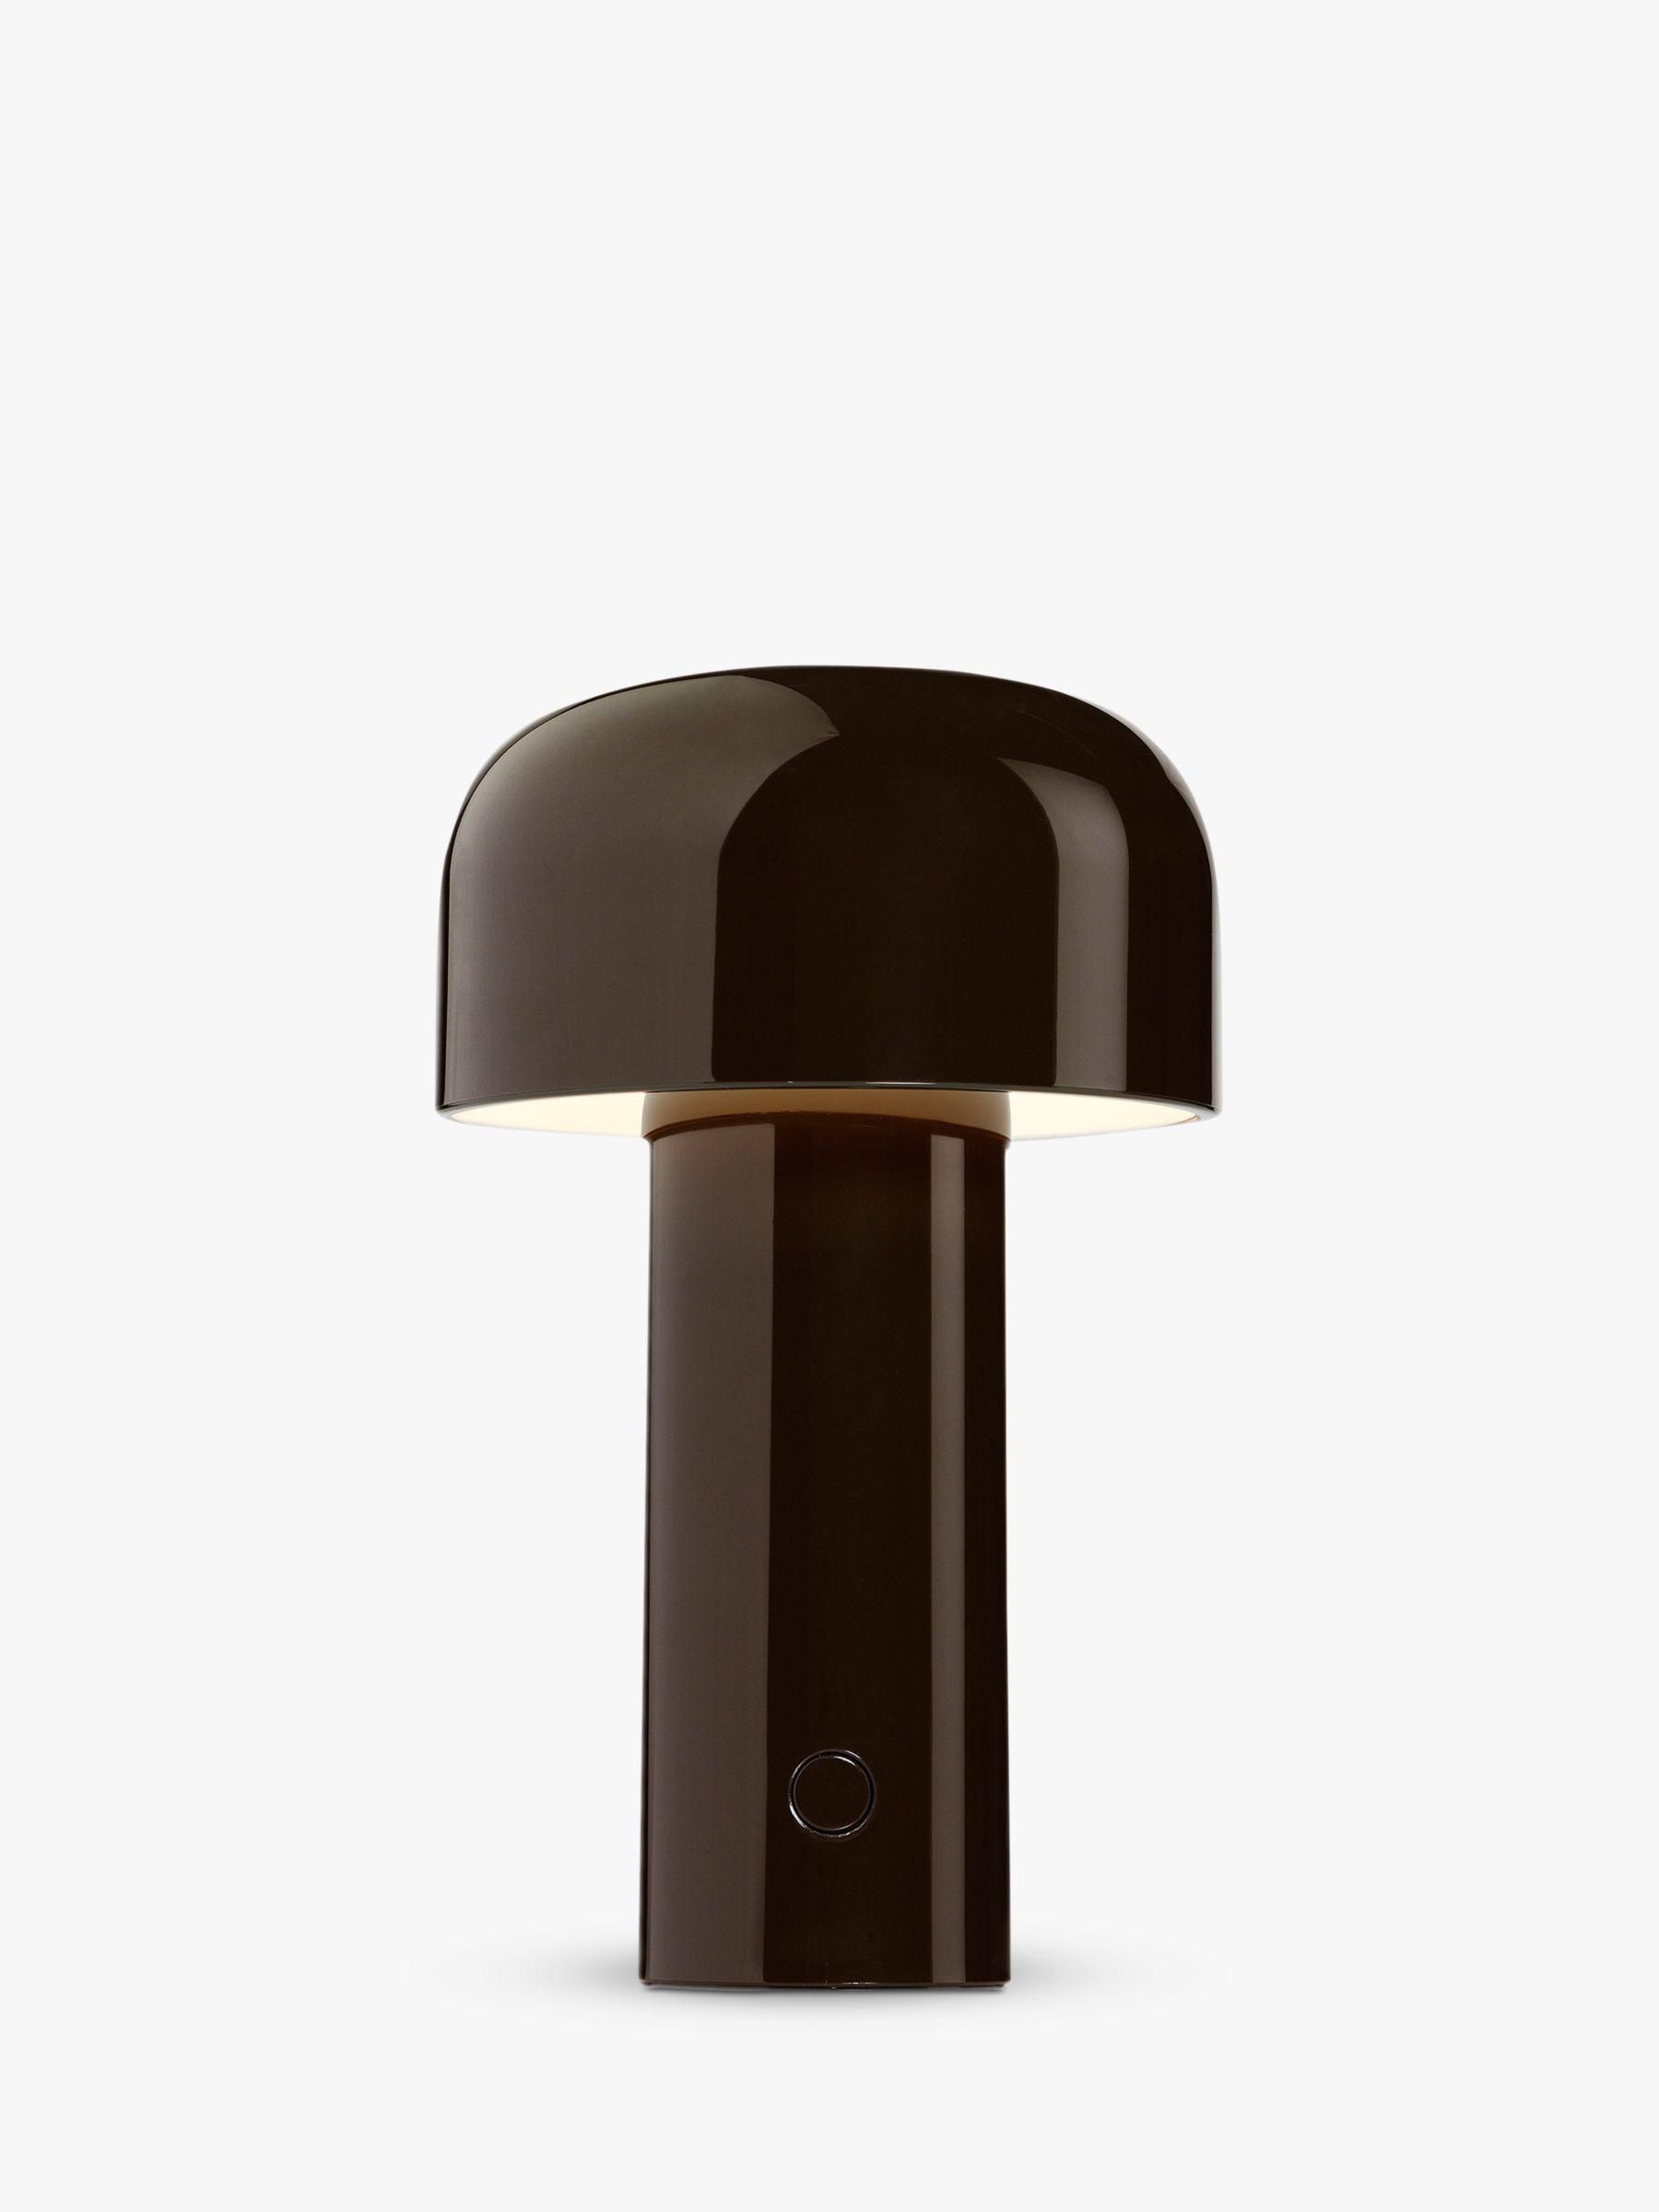 Flos Flos Bellhop LED USB-C Touch Table Lamp